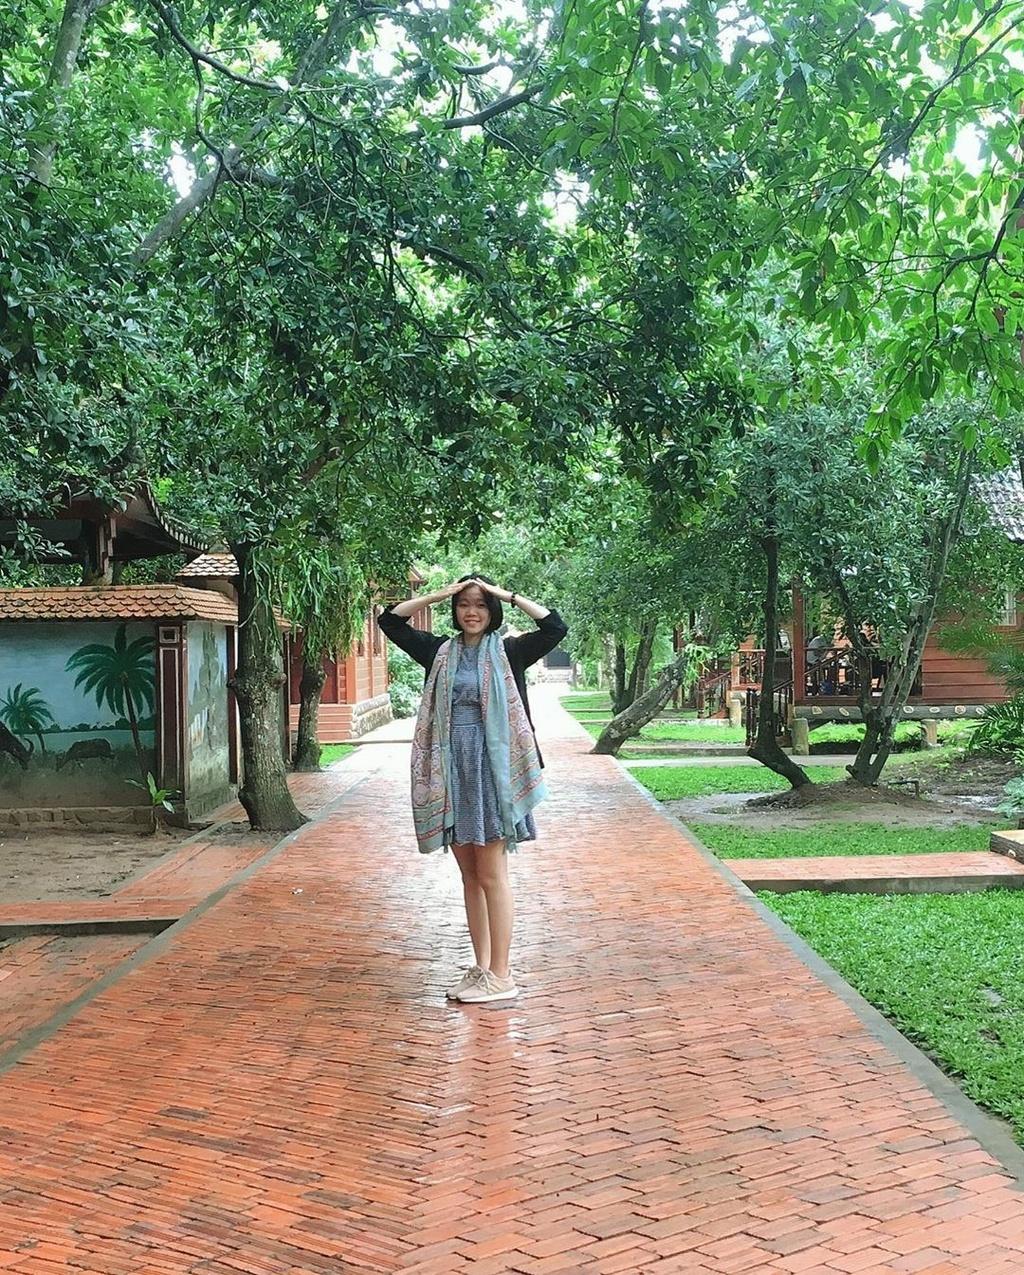 4 Thien vien Truc Lam noi tieng o Nam Bo hinh anh 5  - ngoctuuuu_72355674_182069772835349_9101630441956149609_n - 4 Thiền viện Trúc Lâm nổi tiếng ở Nam Bộ